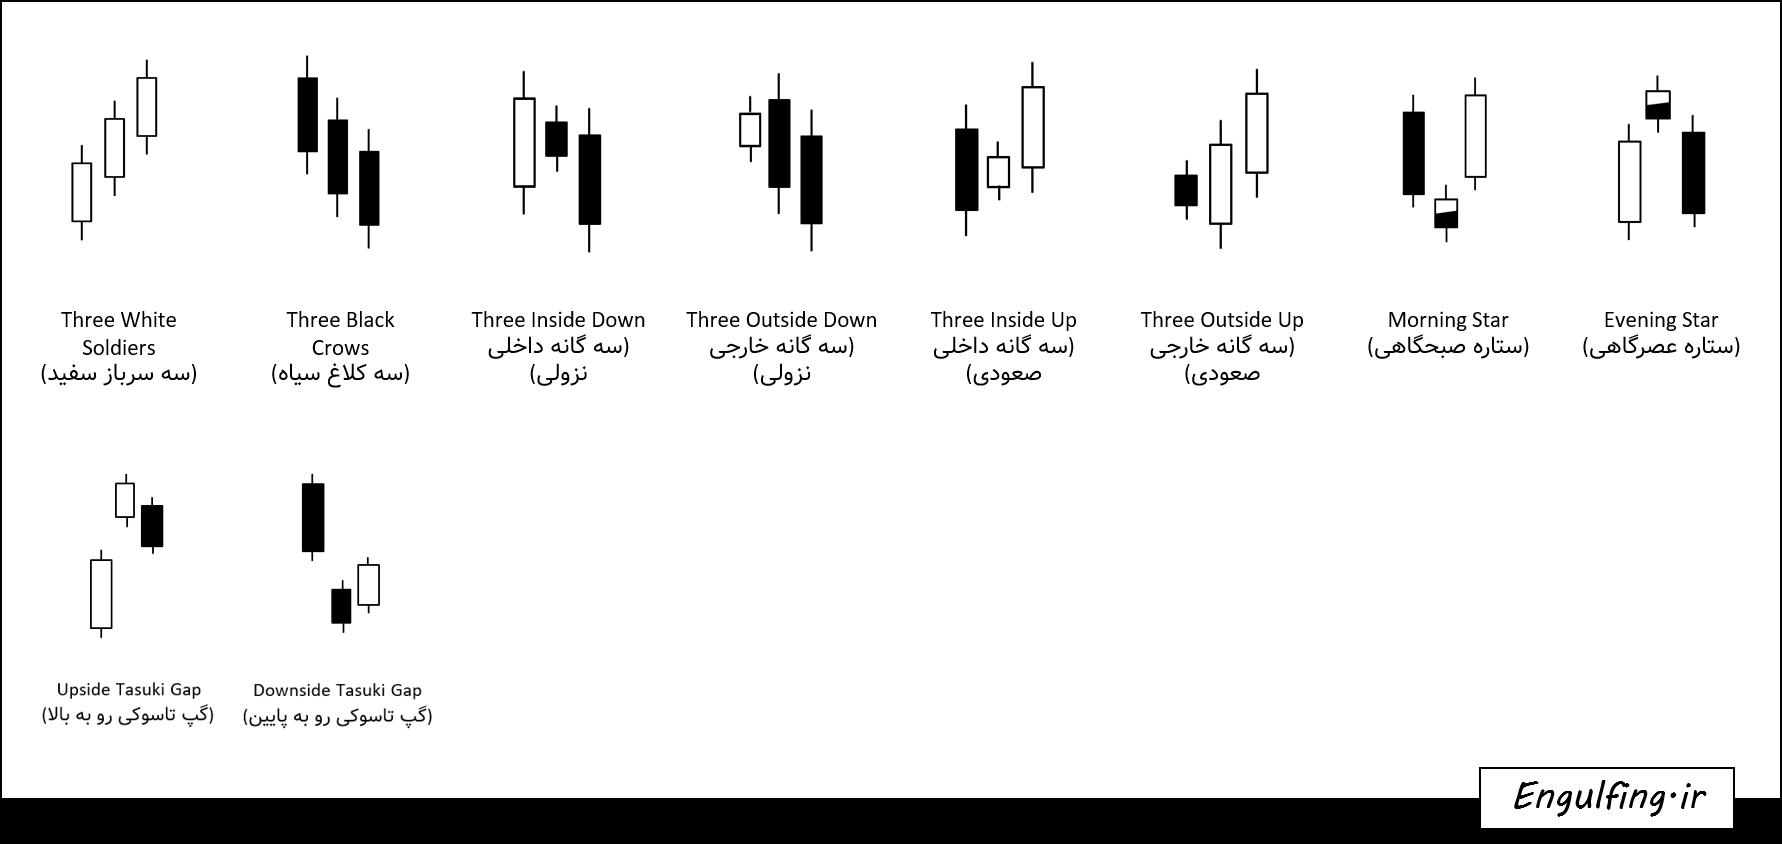 فیلتر الگوهای سه کندلی